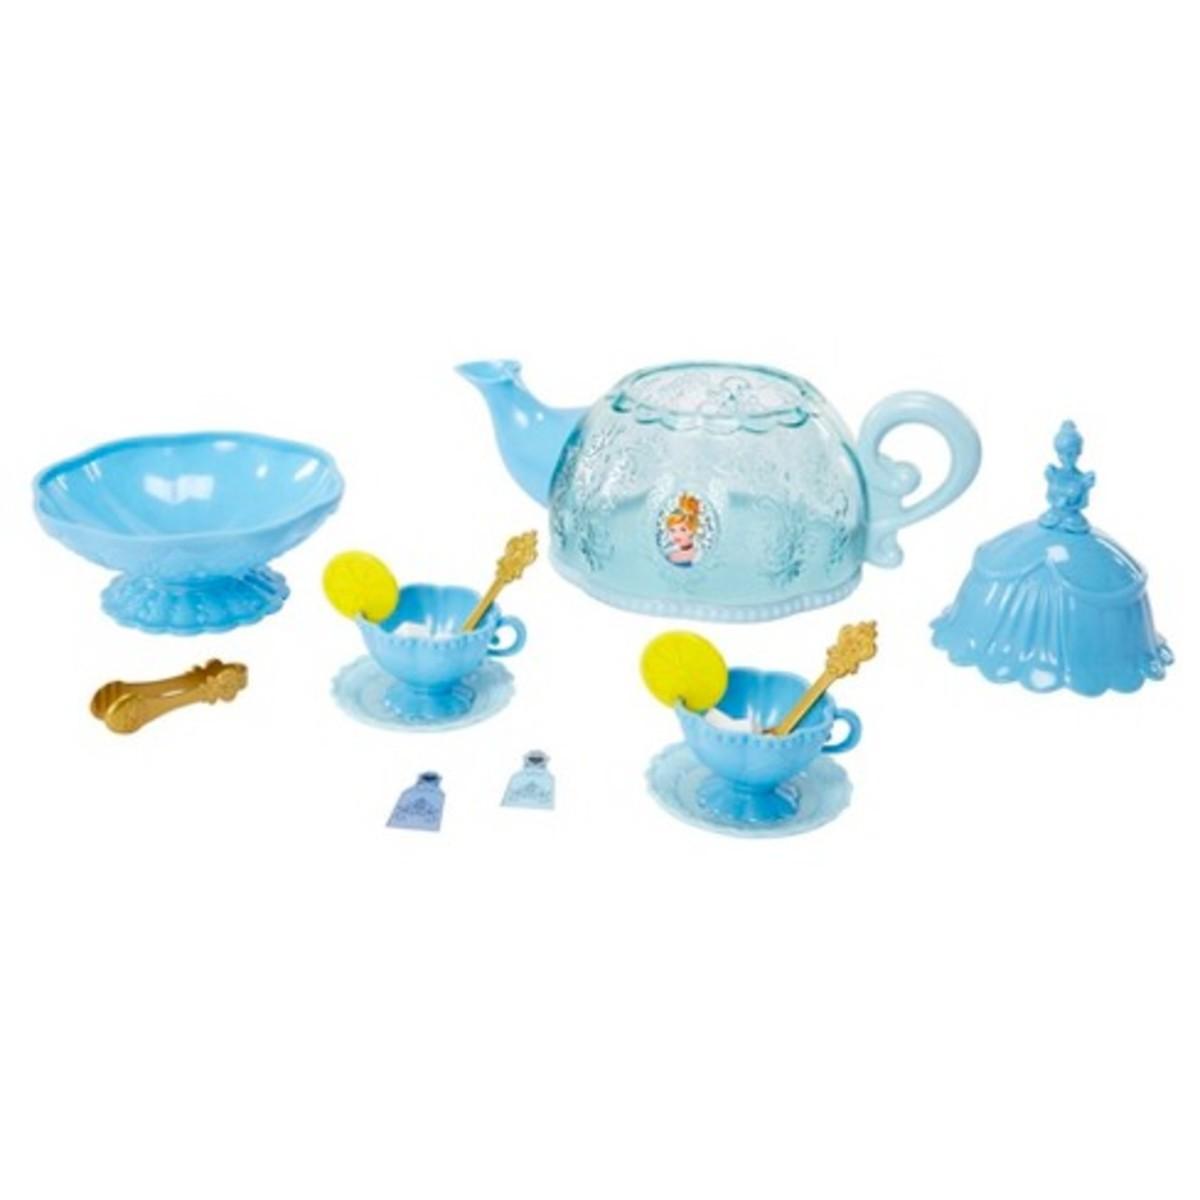 茶壺 - 灰姑娘